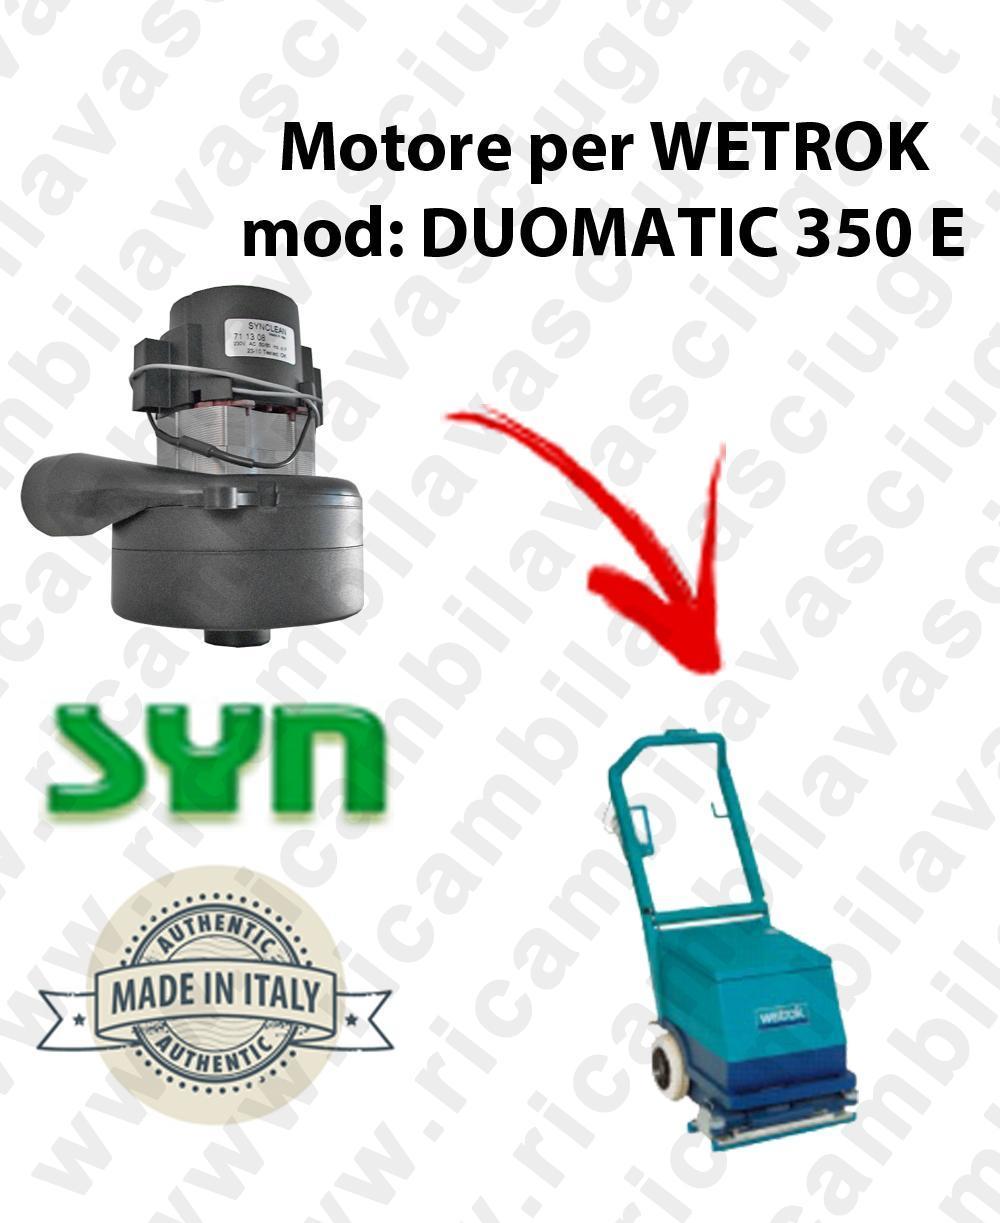 DUOMATIC 350 et MOTEUR ASPIRATION LAMB AMATEK pour autolaveuses WETROK